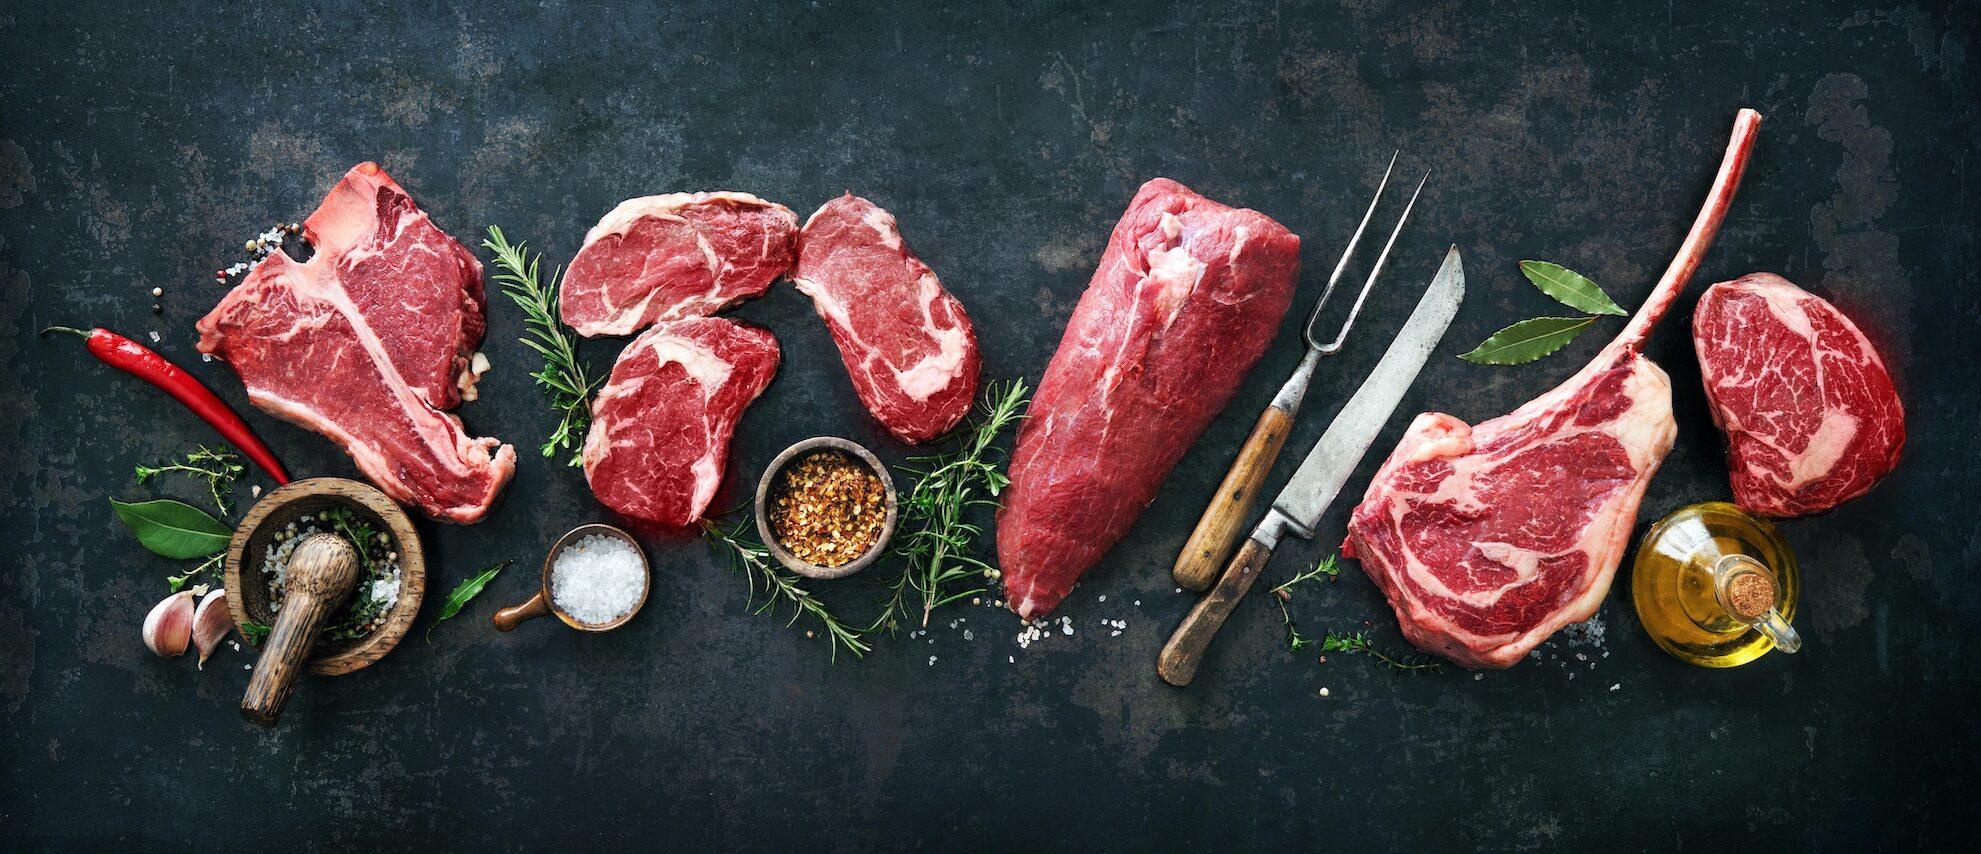 verschiedene rohe Fleischstücke auf einem schwarzen Hintergrund